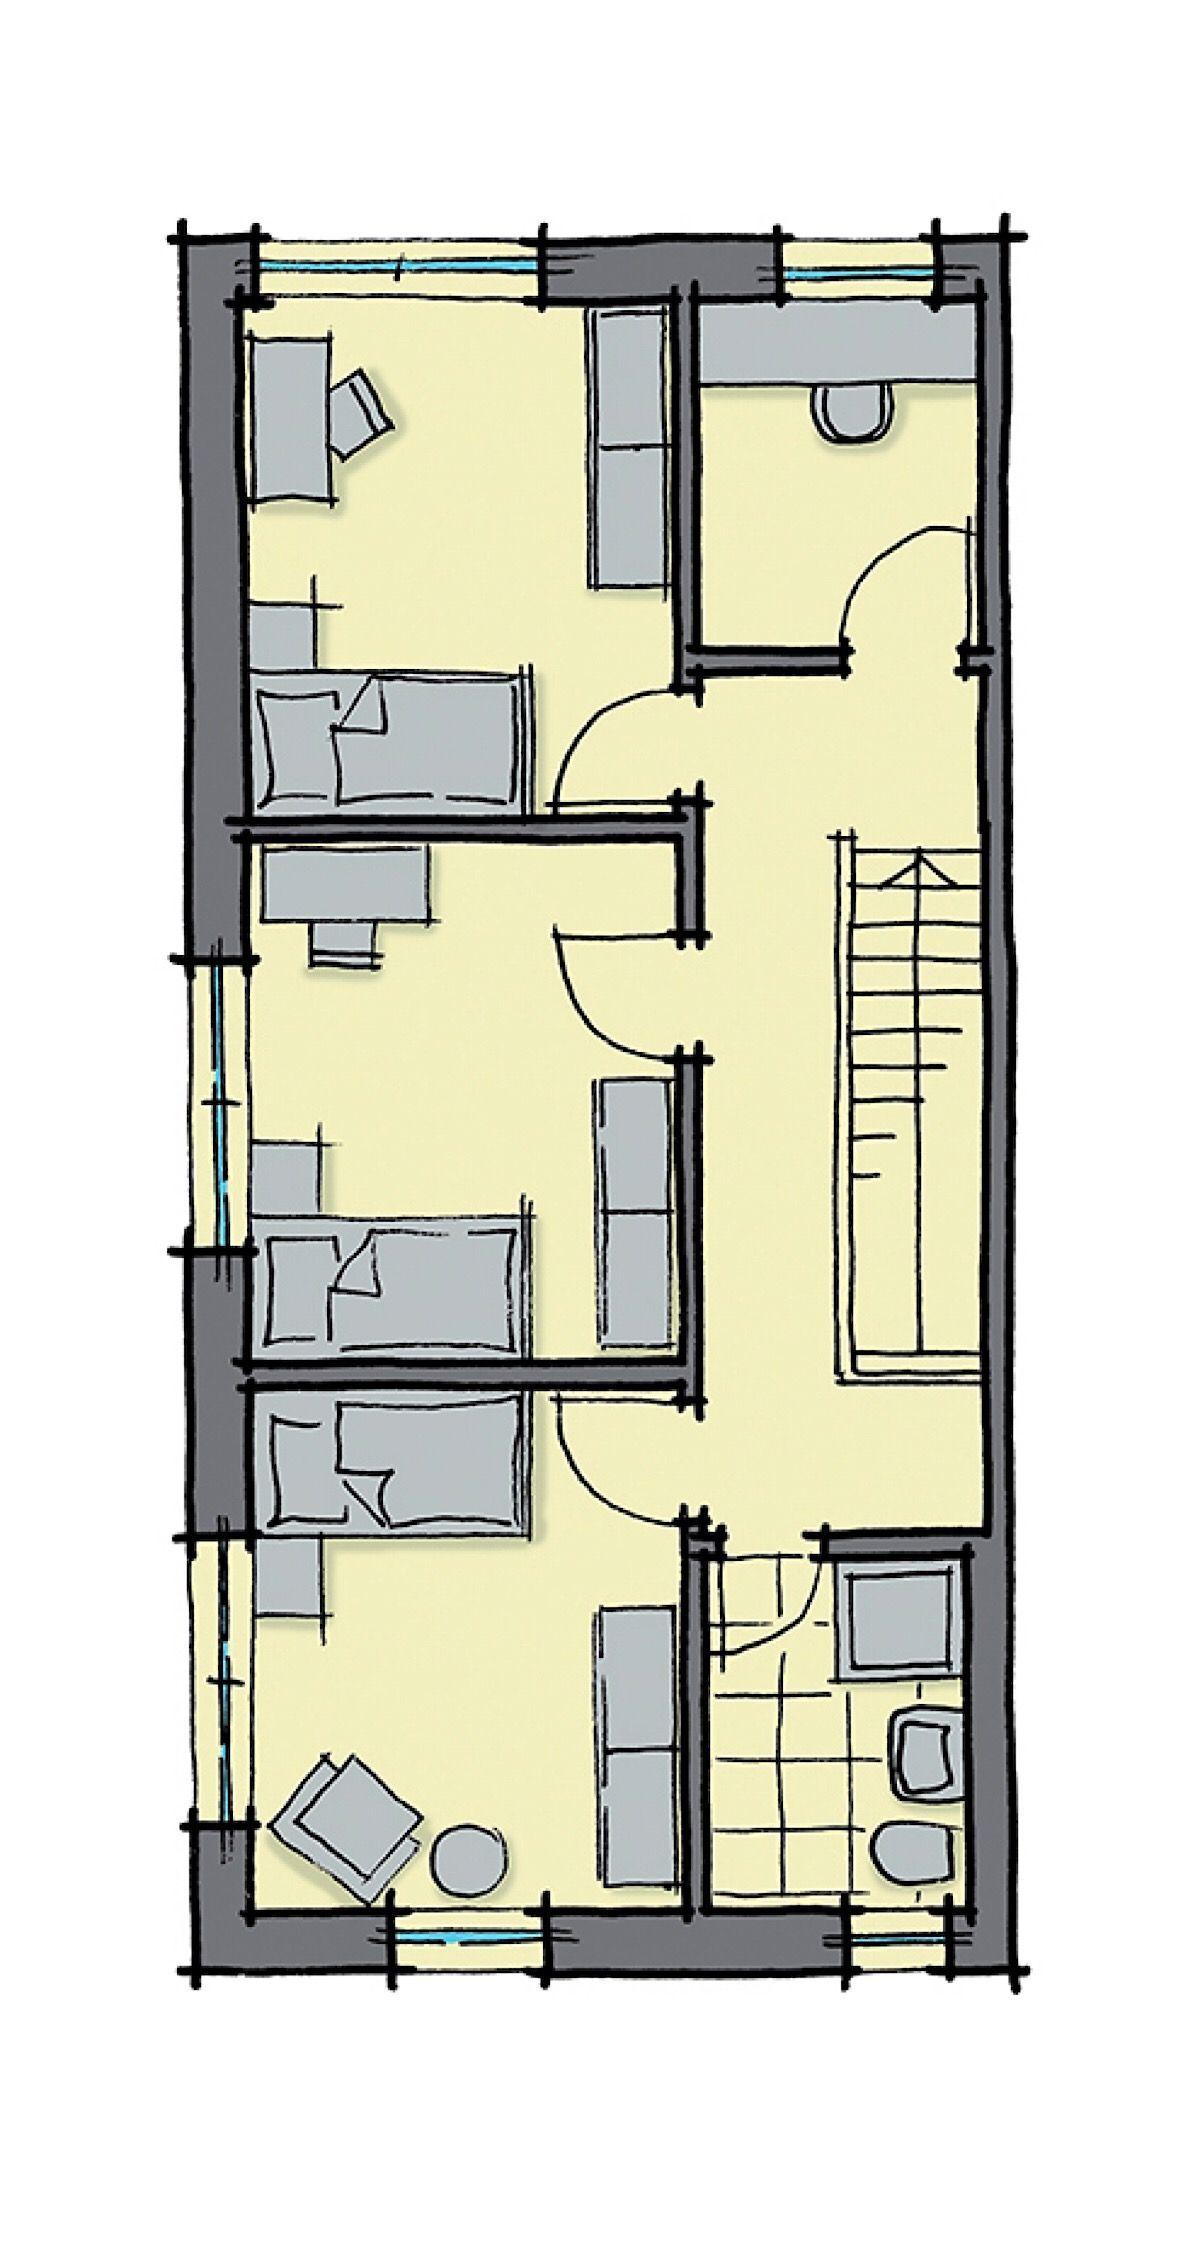 Doppelhaushälfte Grundriss Obergeschoss, 3 Kinderzimmer, Treppe ...